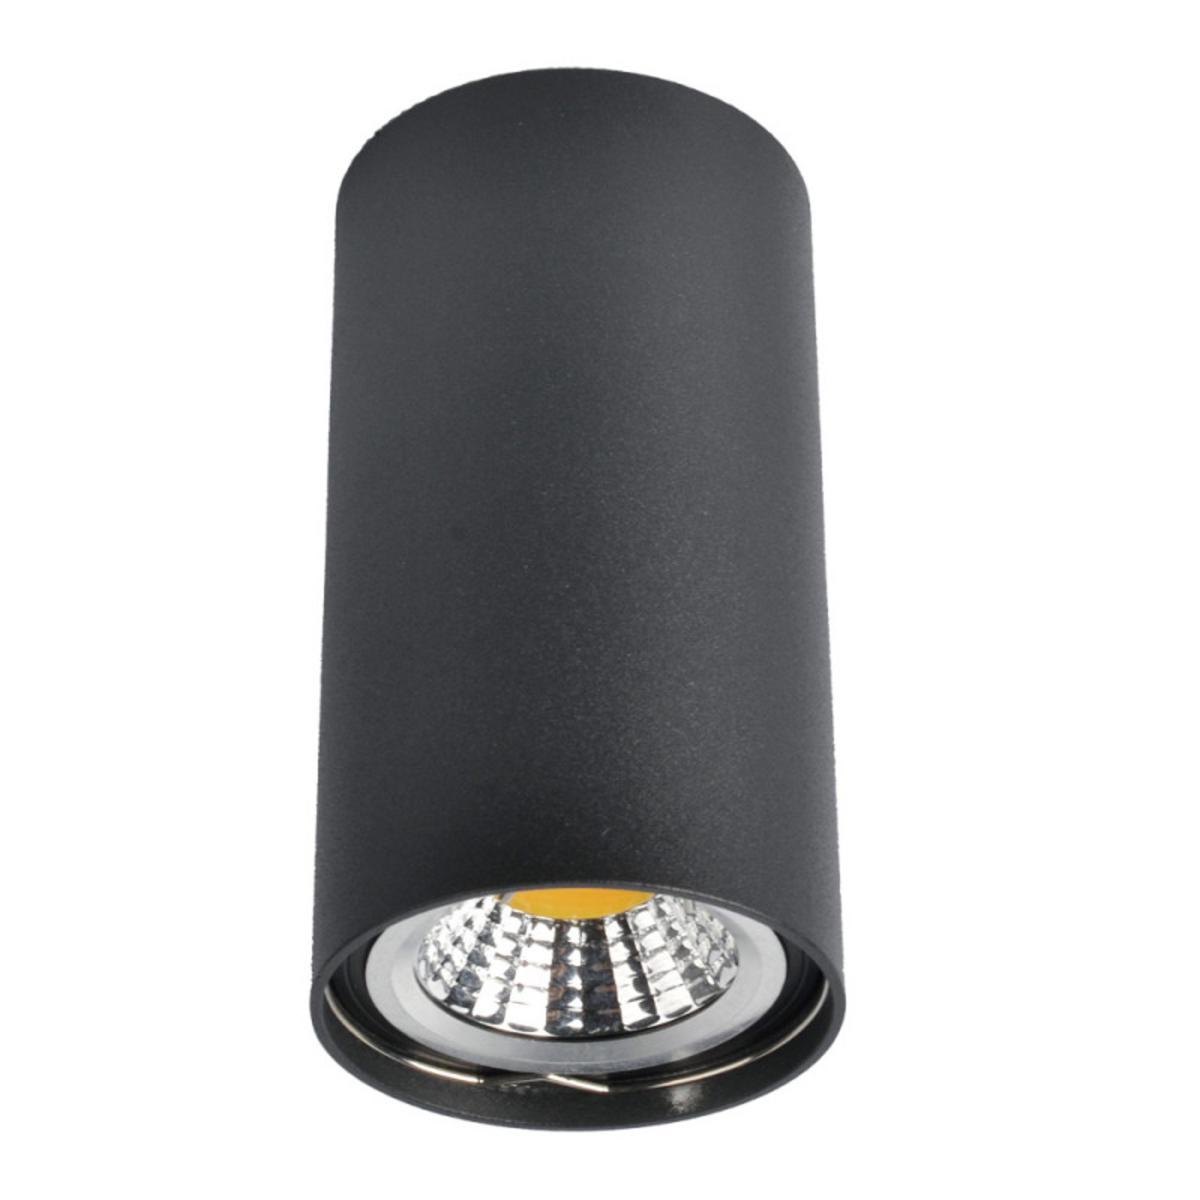 Купить Накладной светильник UNIX Накладной светильник ARTE Lamp A1516PL-1BK (14723), HomeMe